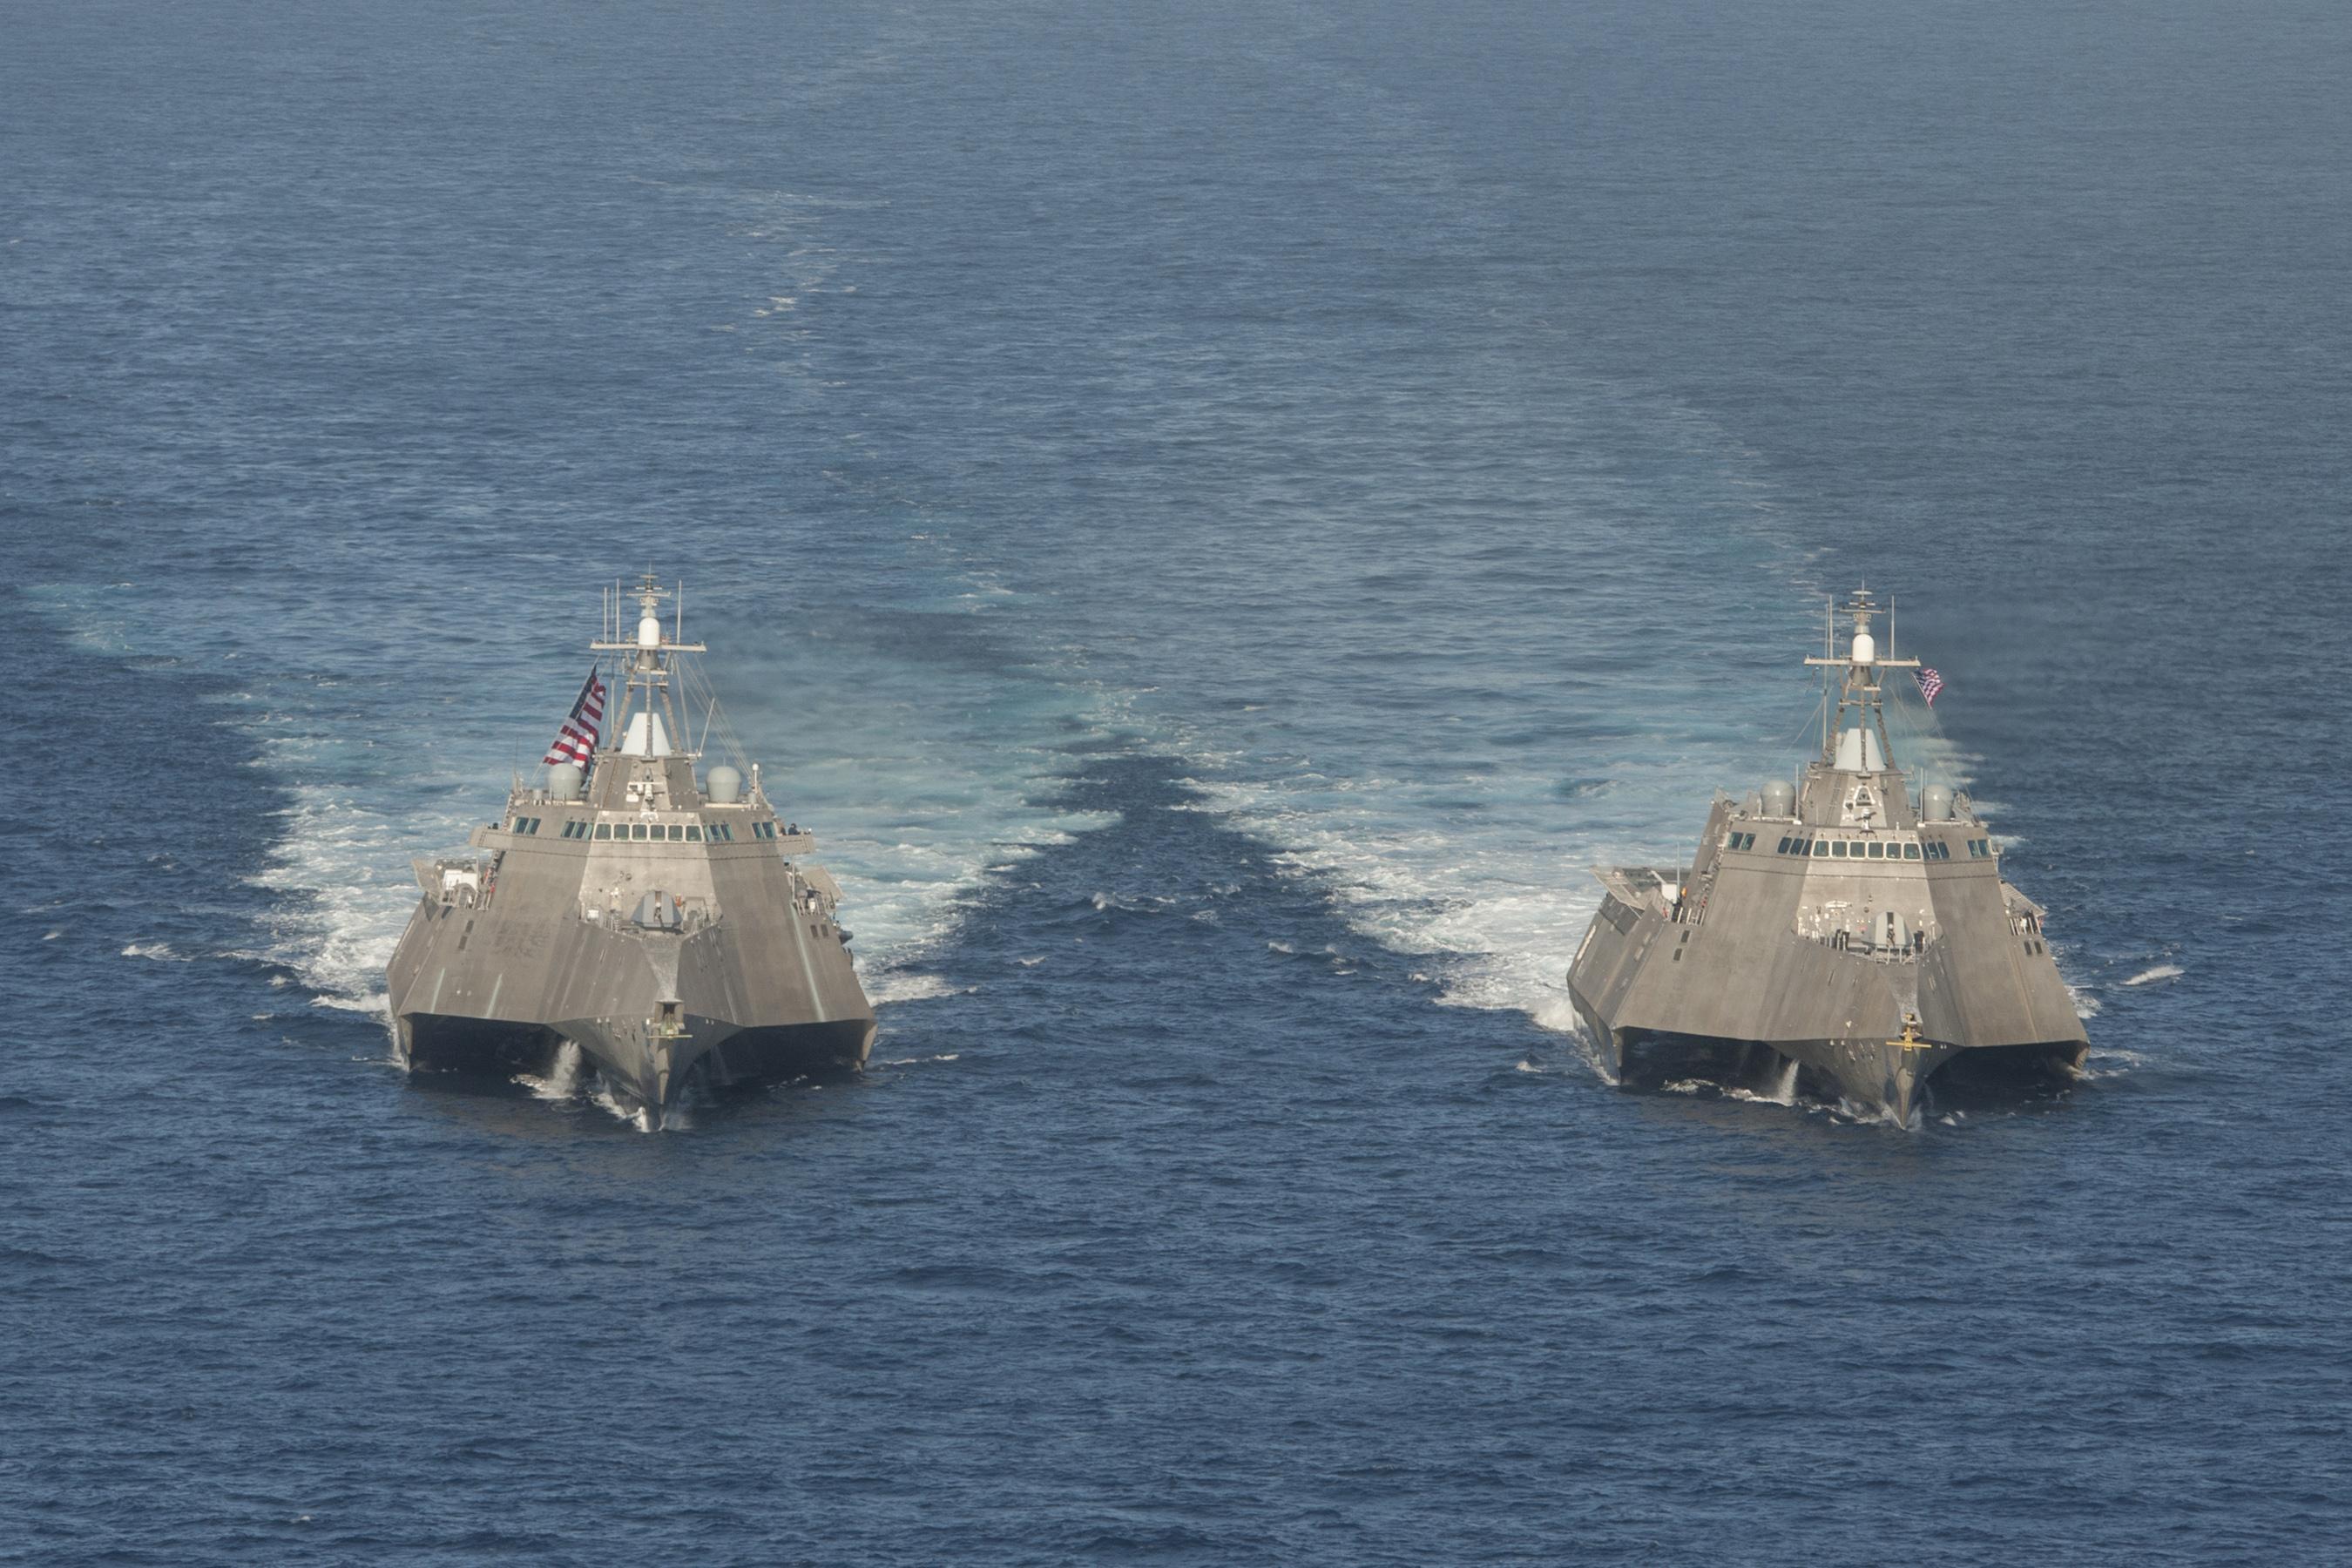 USS INDEPENDENCE LCS-2 und USS CORONADO LCS-4 am 23.04.2014 vor Süd-Kalifornien Bild: U.S. Navy